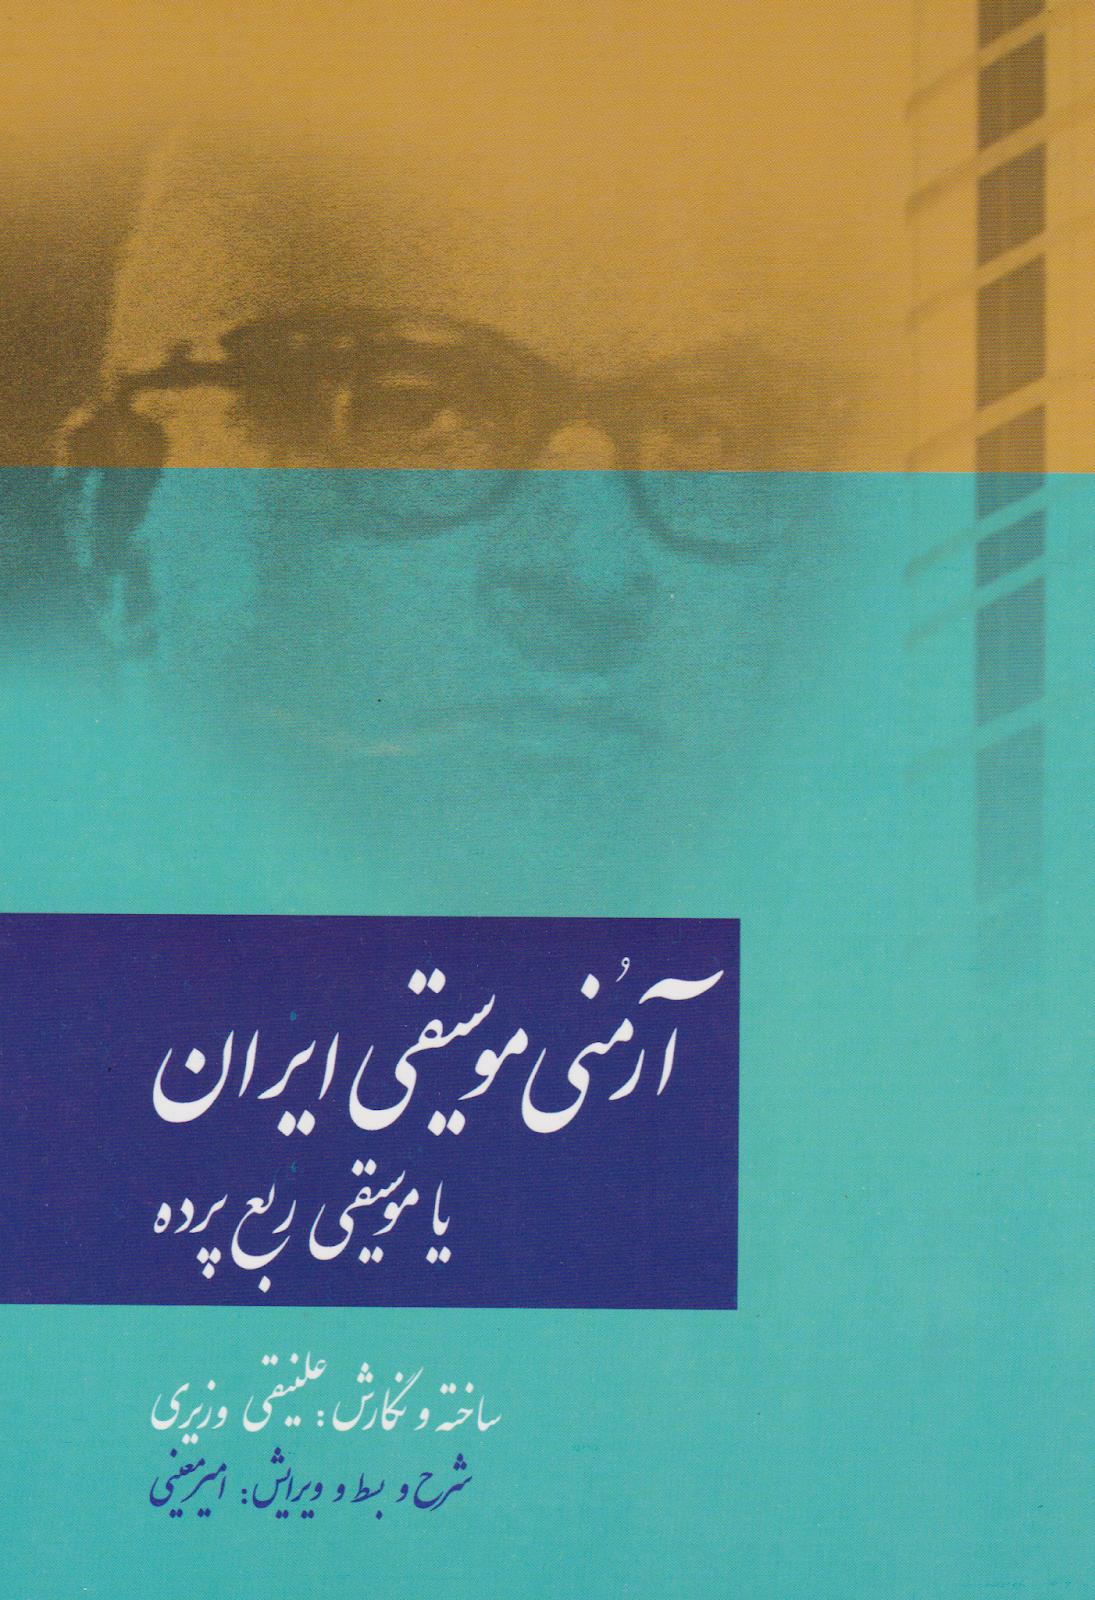 کتاب آرمنی موسیقی ایران یا موسیقی ربعپرده امیر معینی انتشارات سرود